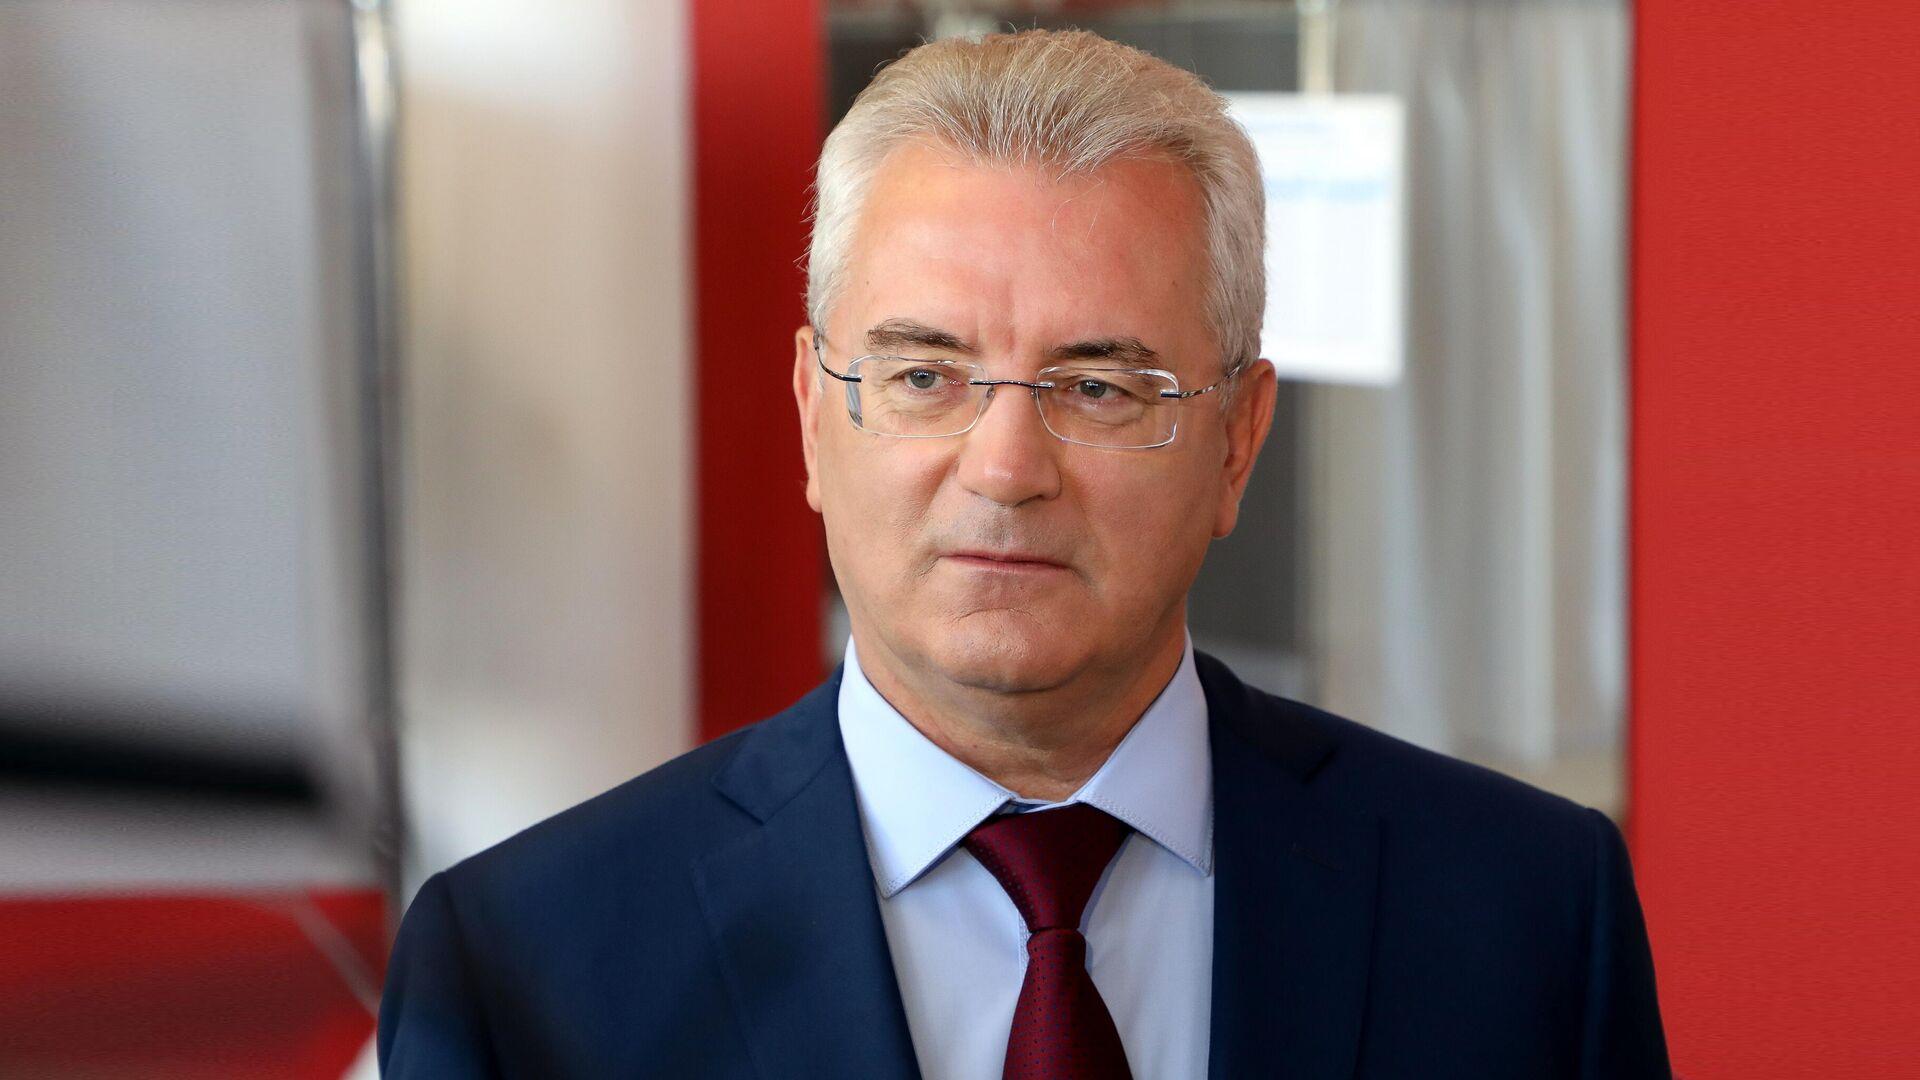 Пензенского губернатора Белозерцева заподозрили во взяточничестве